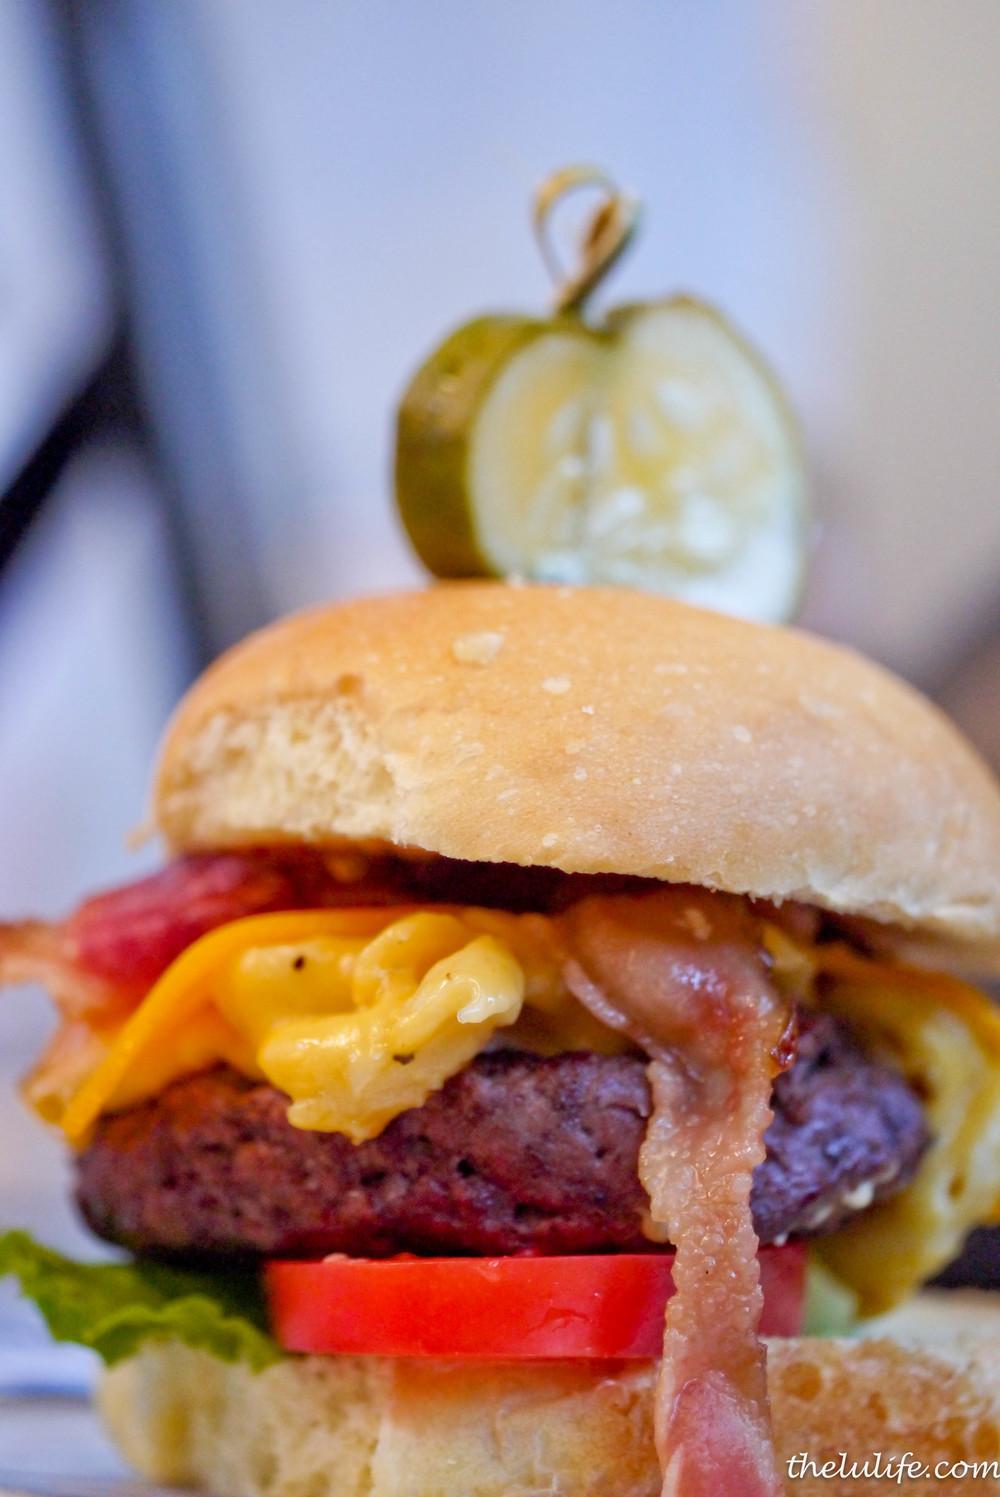 p1100248-standard-bar-and-grill-mac-n-cheese-burger.jpg